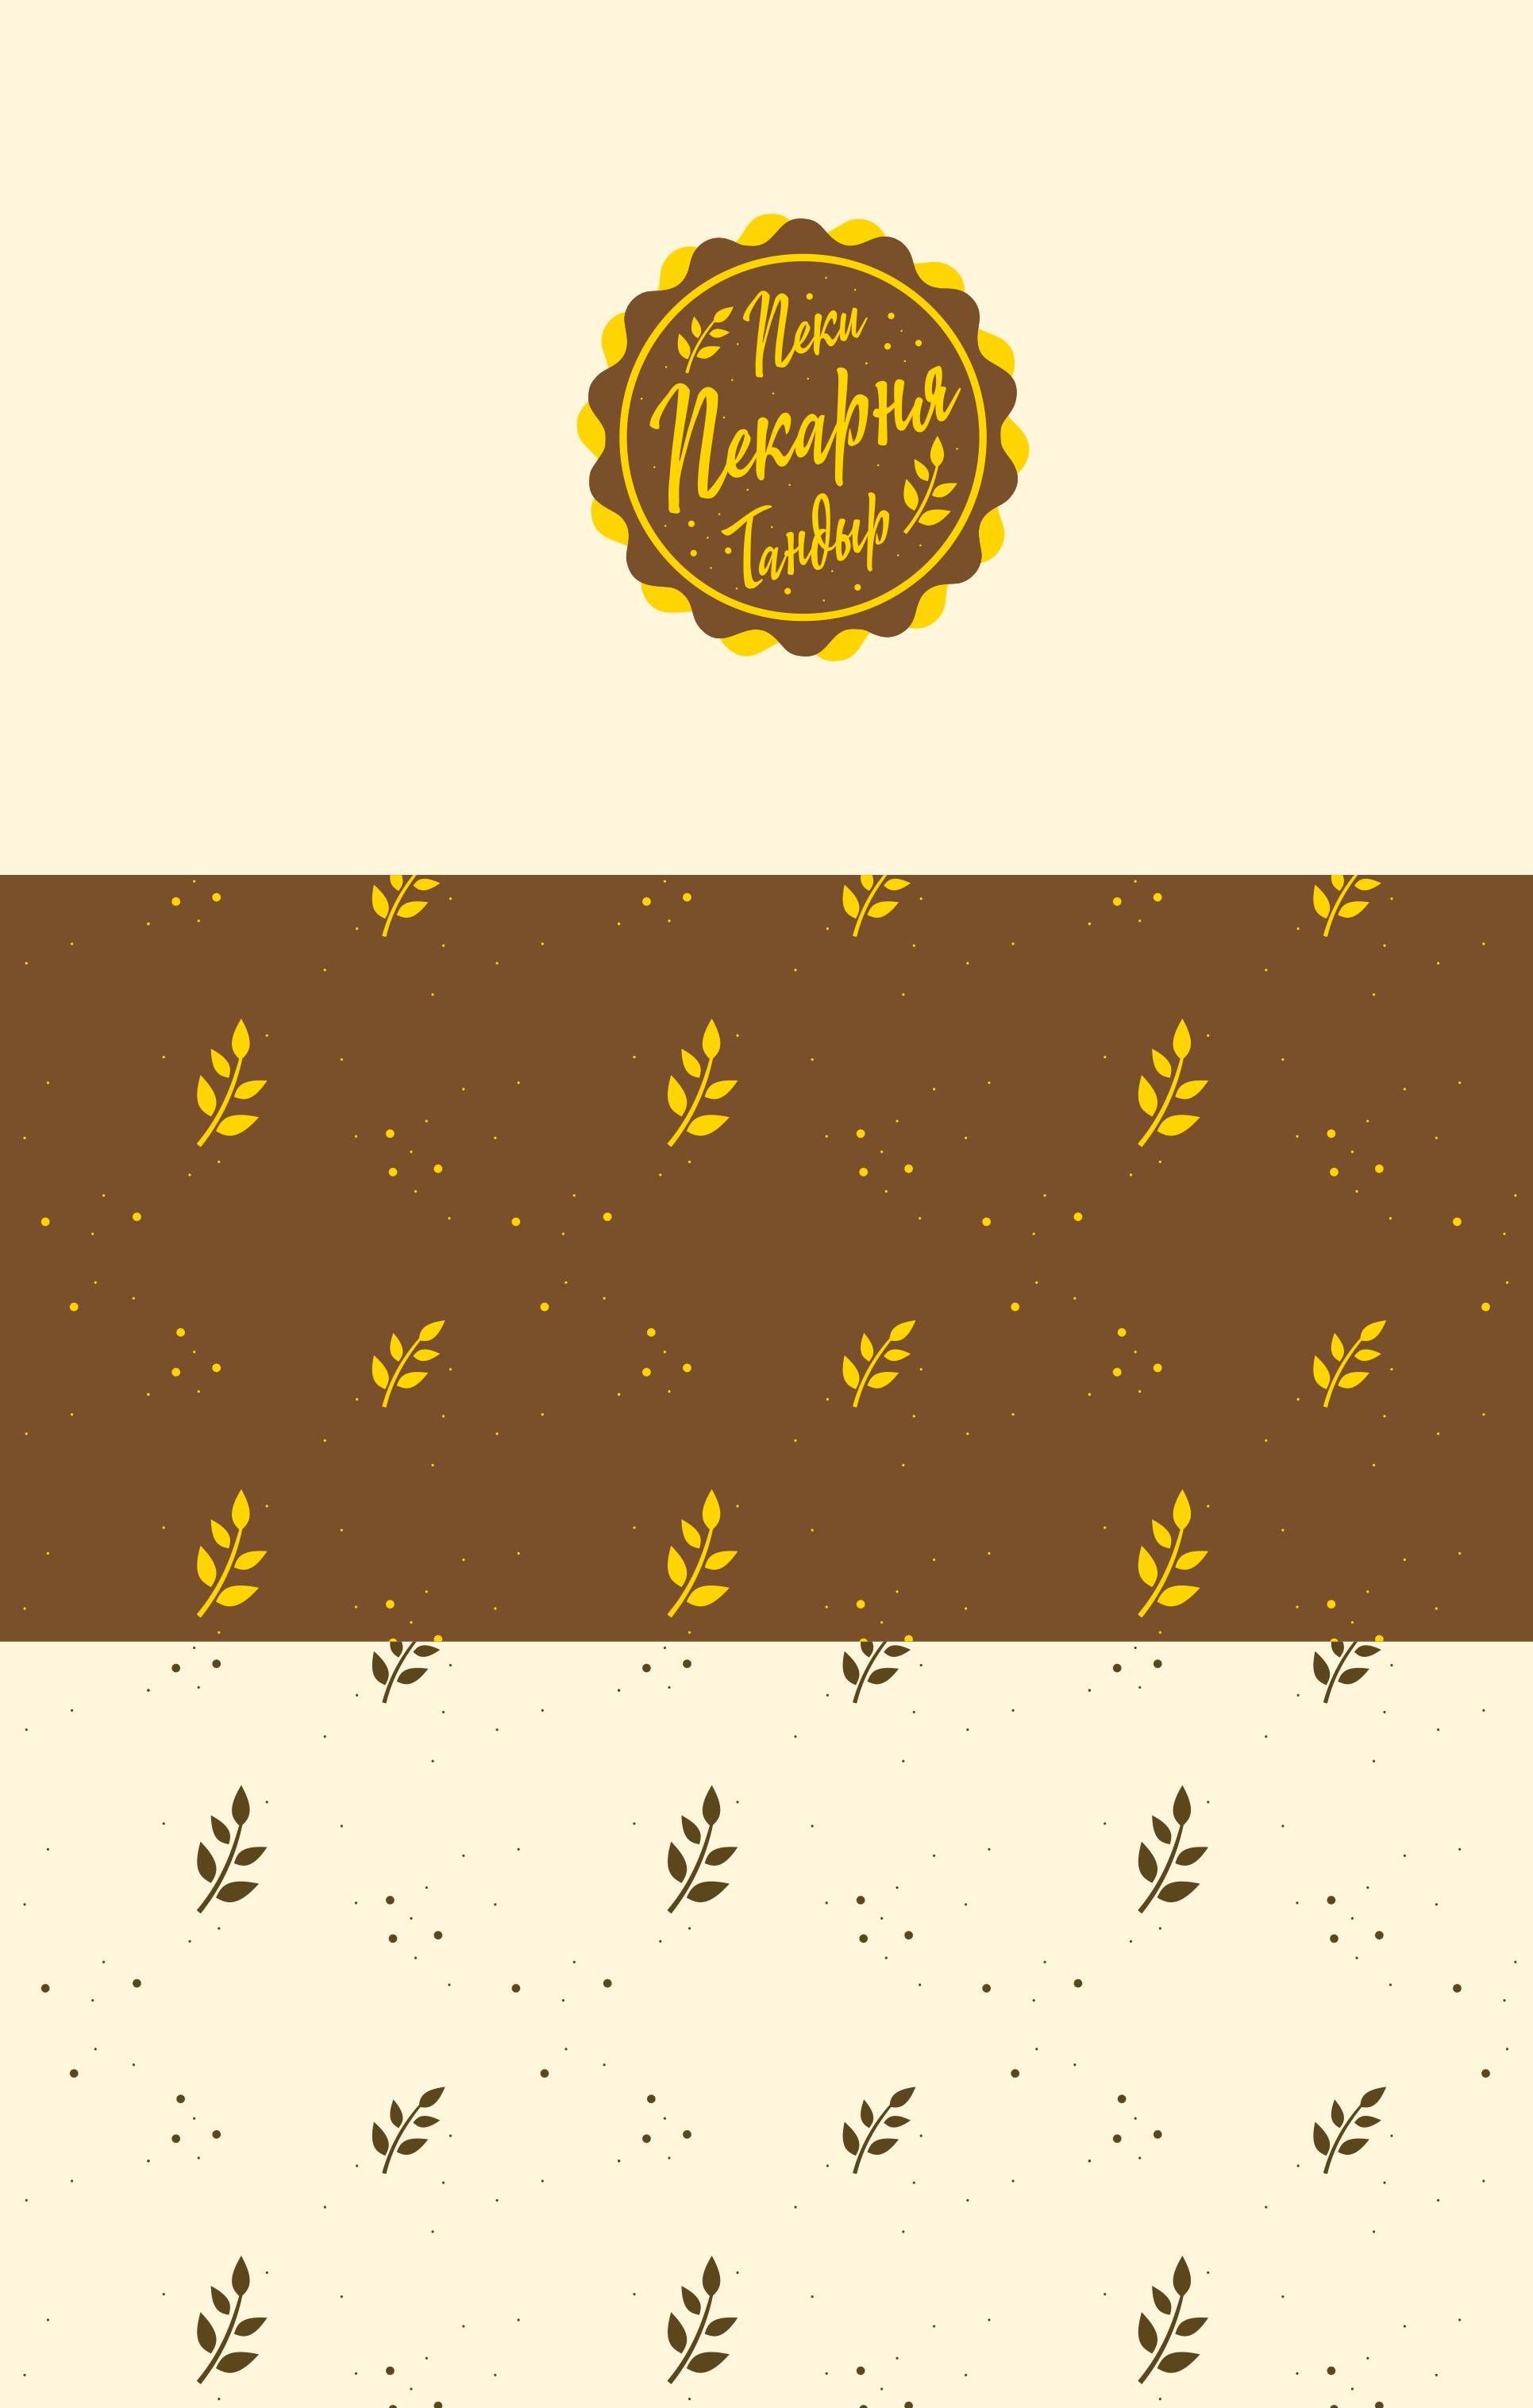 Логотип + Паттерн - Пеки Пекарня Тандыр